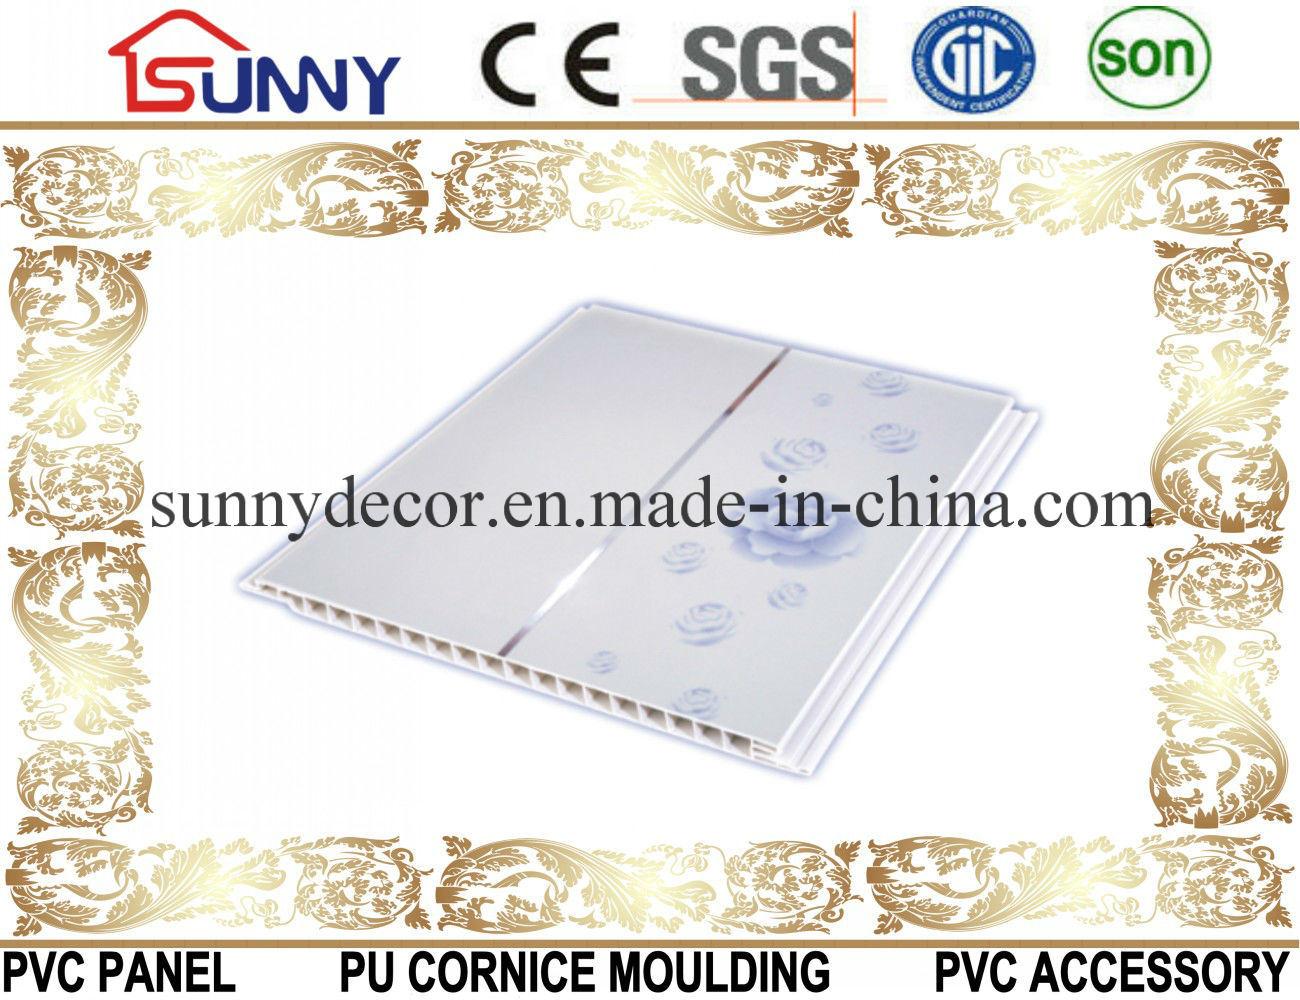 Plastic False Ceiling PVC Board Transfer Printing PVC Panels